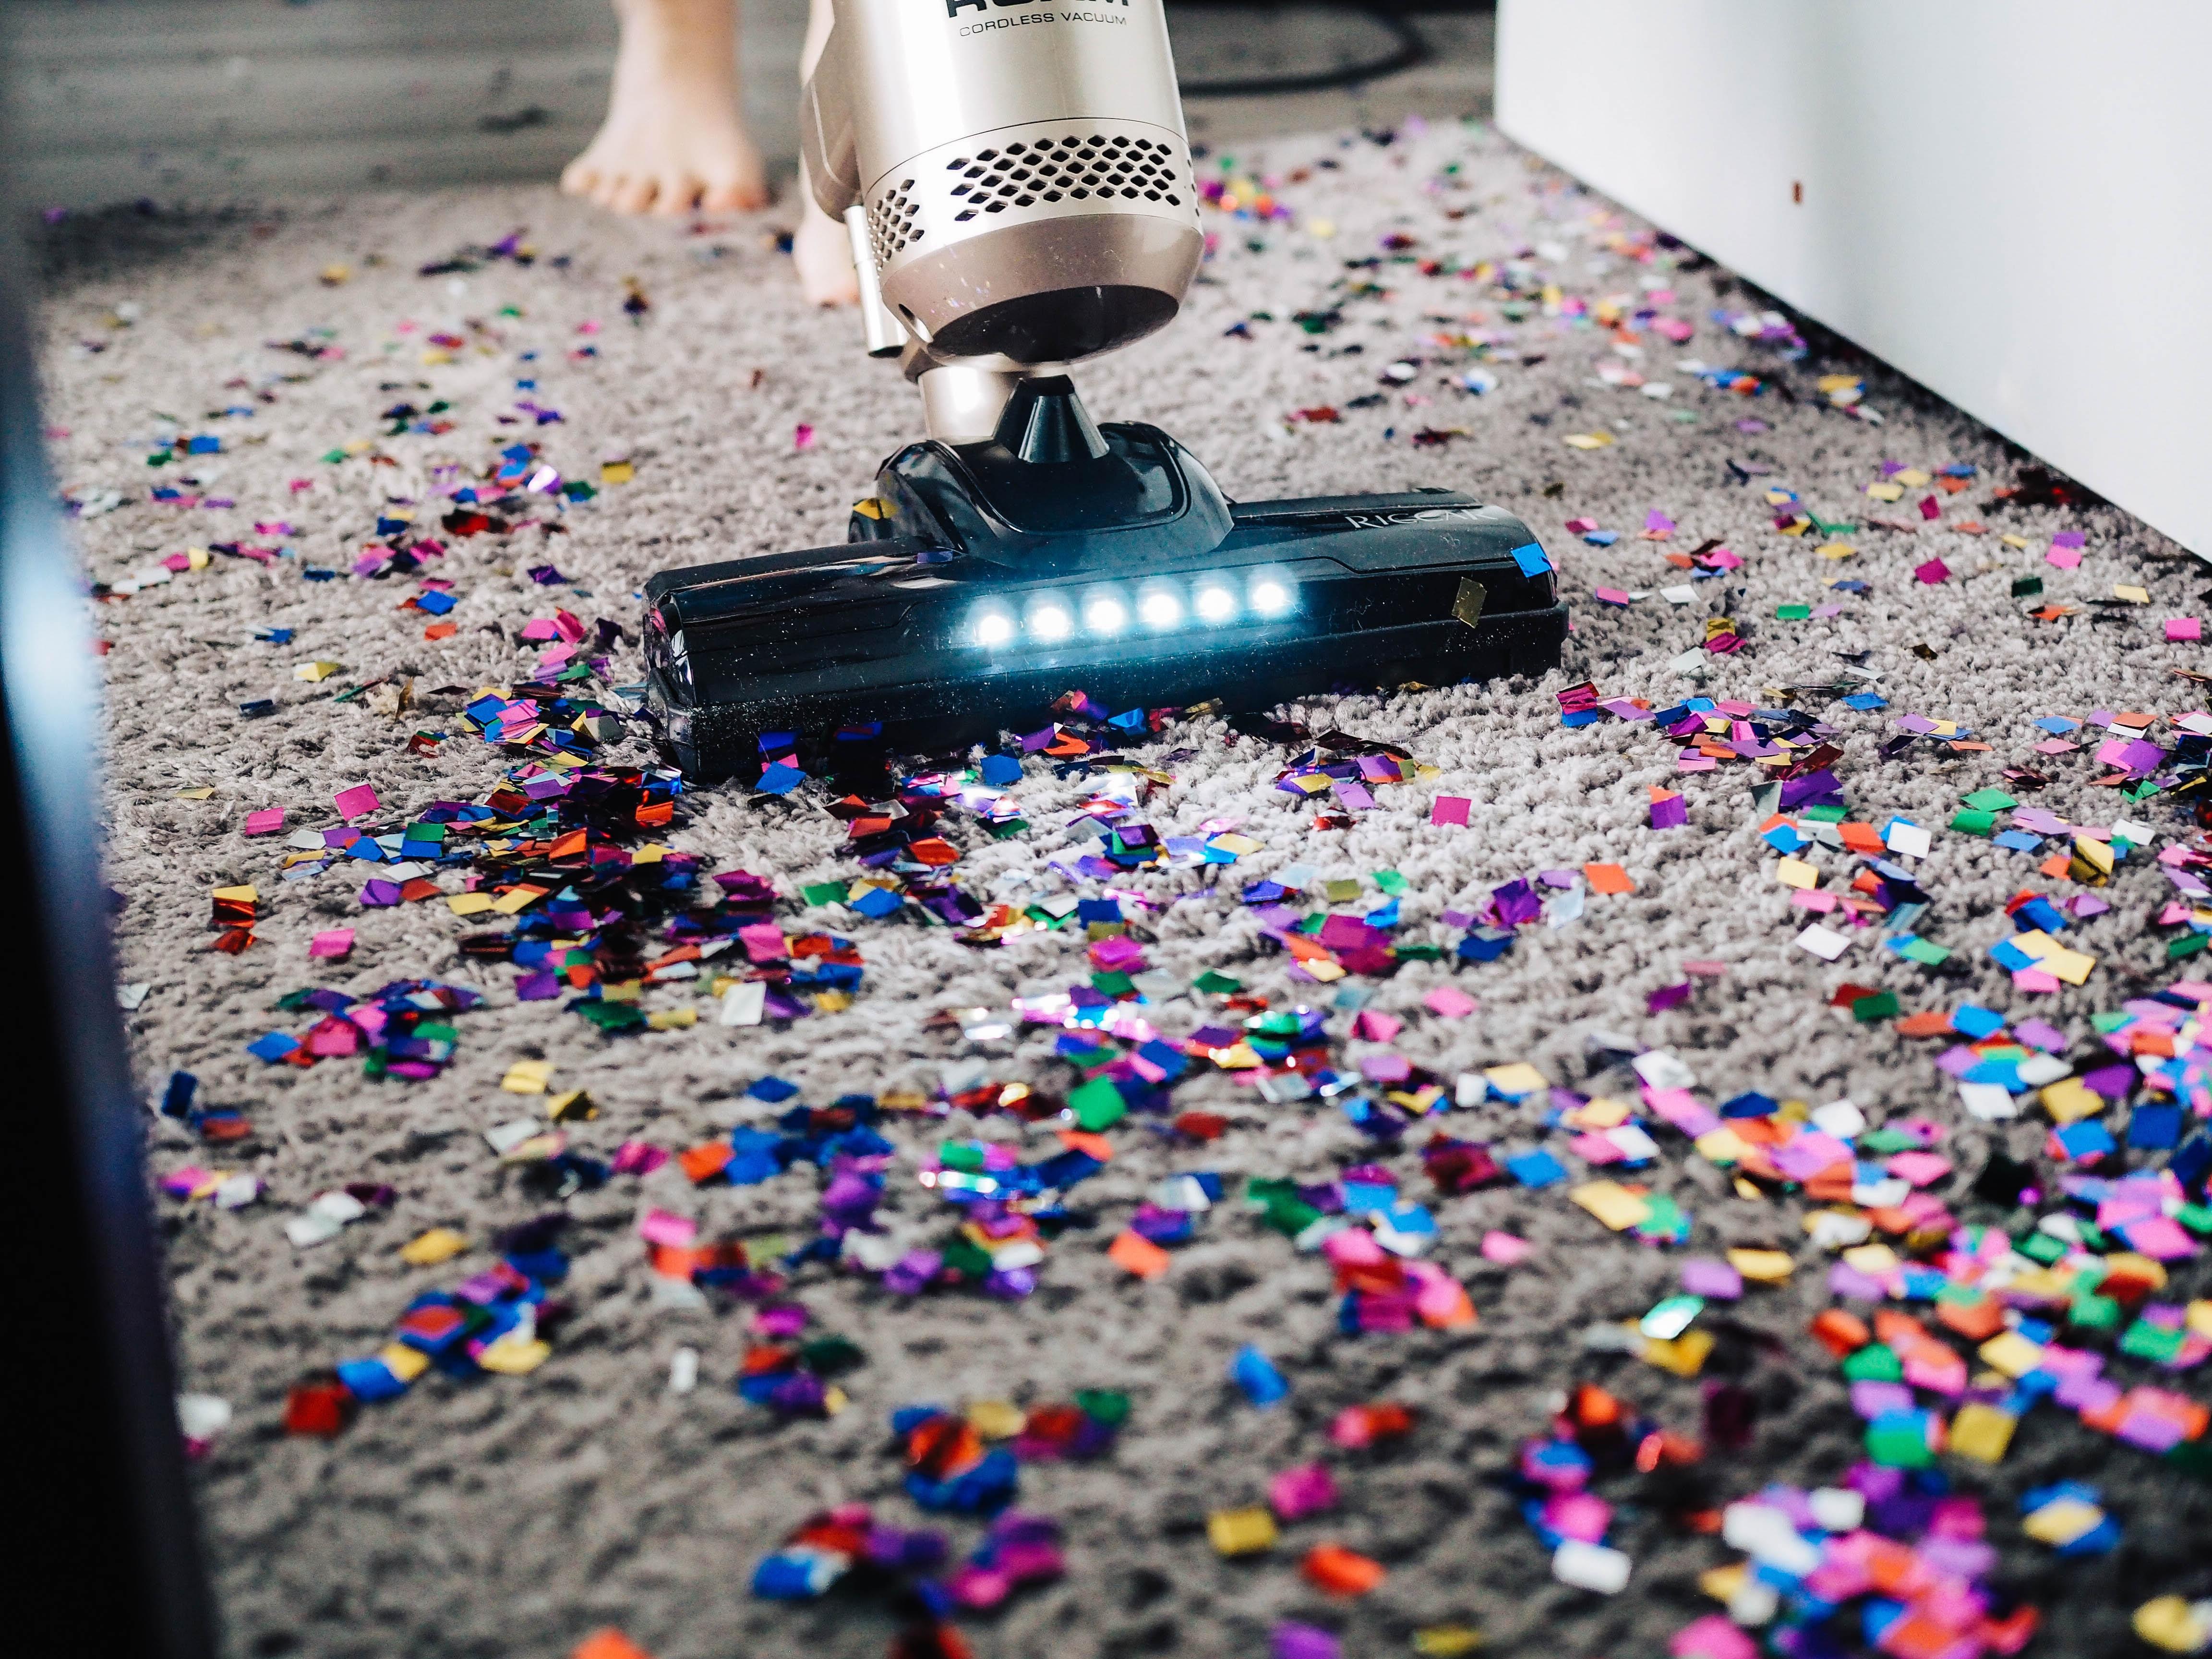 Nouvelle année : cinq vœux pour une maison propre